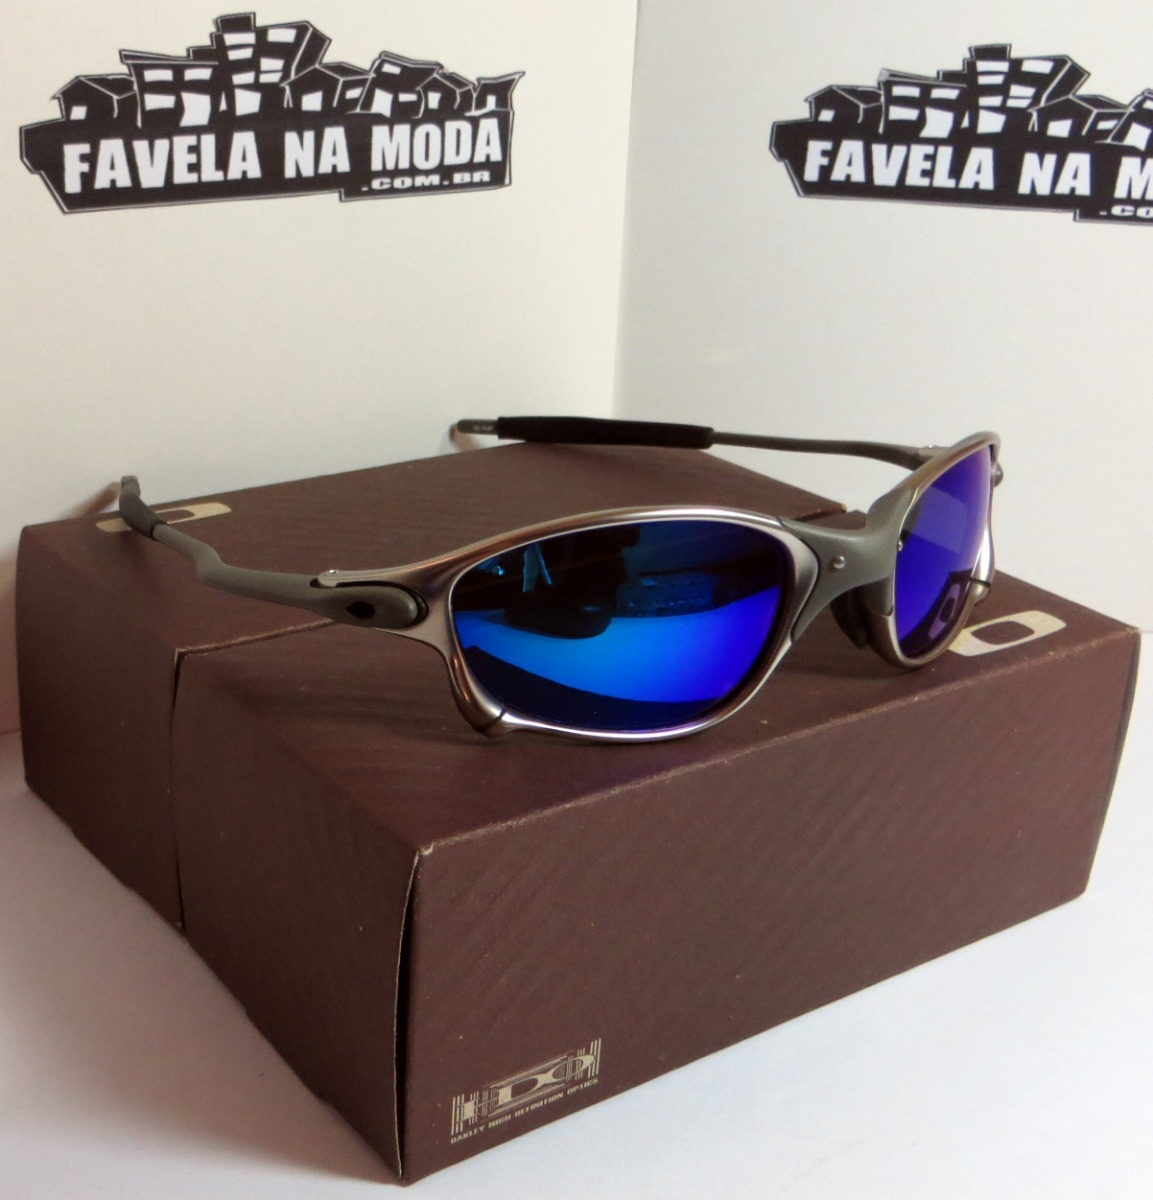 578ba4edbd406 Óculos Oakley Doublexx   Tio 2   Magic Blue + Par De Lentes - R  179 ...